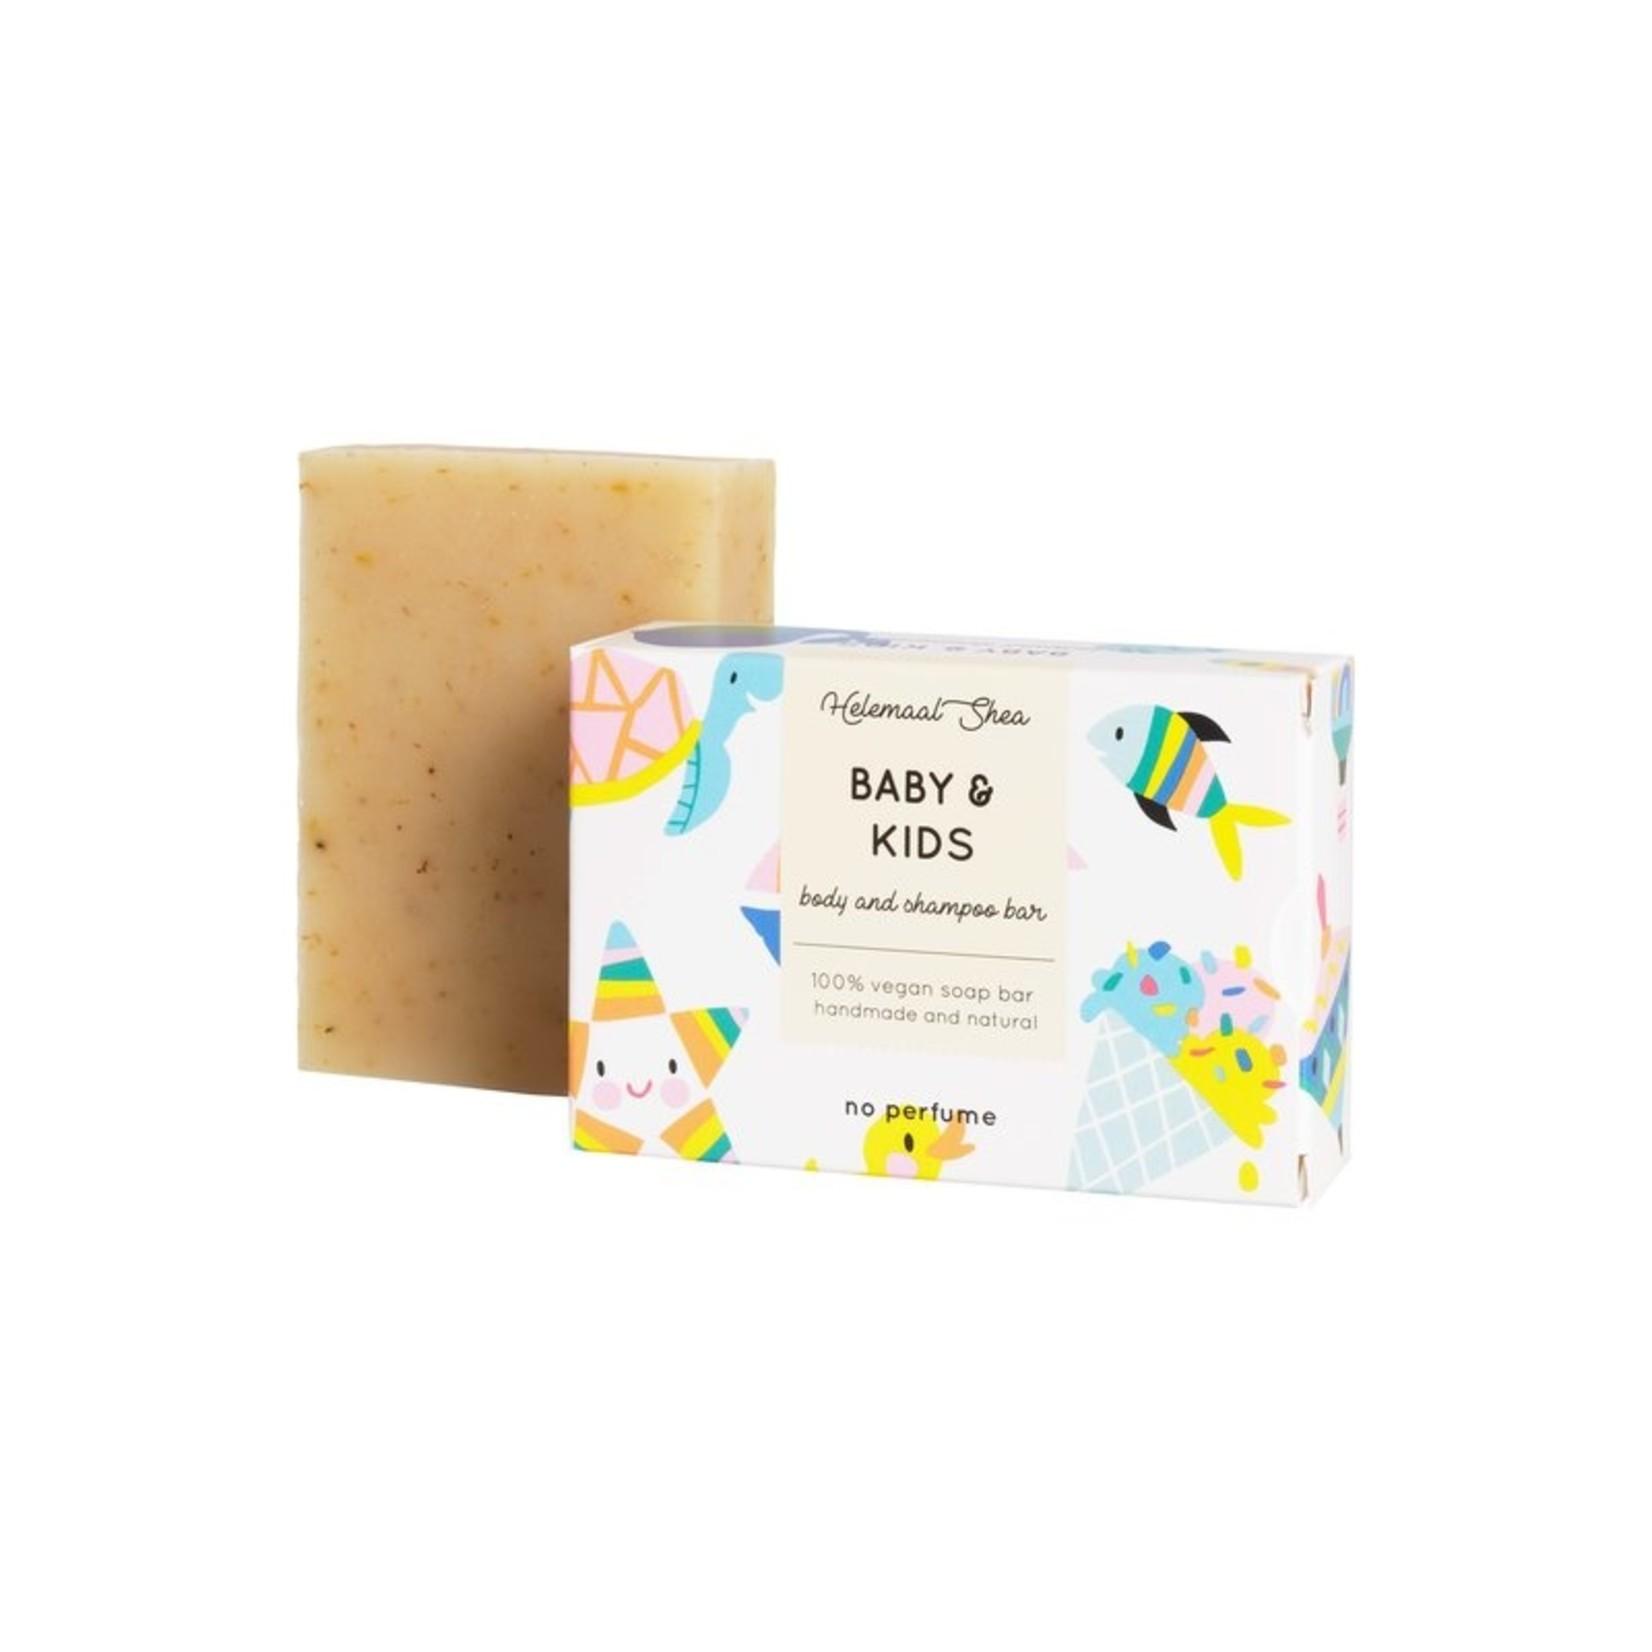 Helemaal Shea Baby & kids zeep - speciaal voor de gevoelige huid - met calendula en kamille - Helemaal Shea